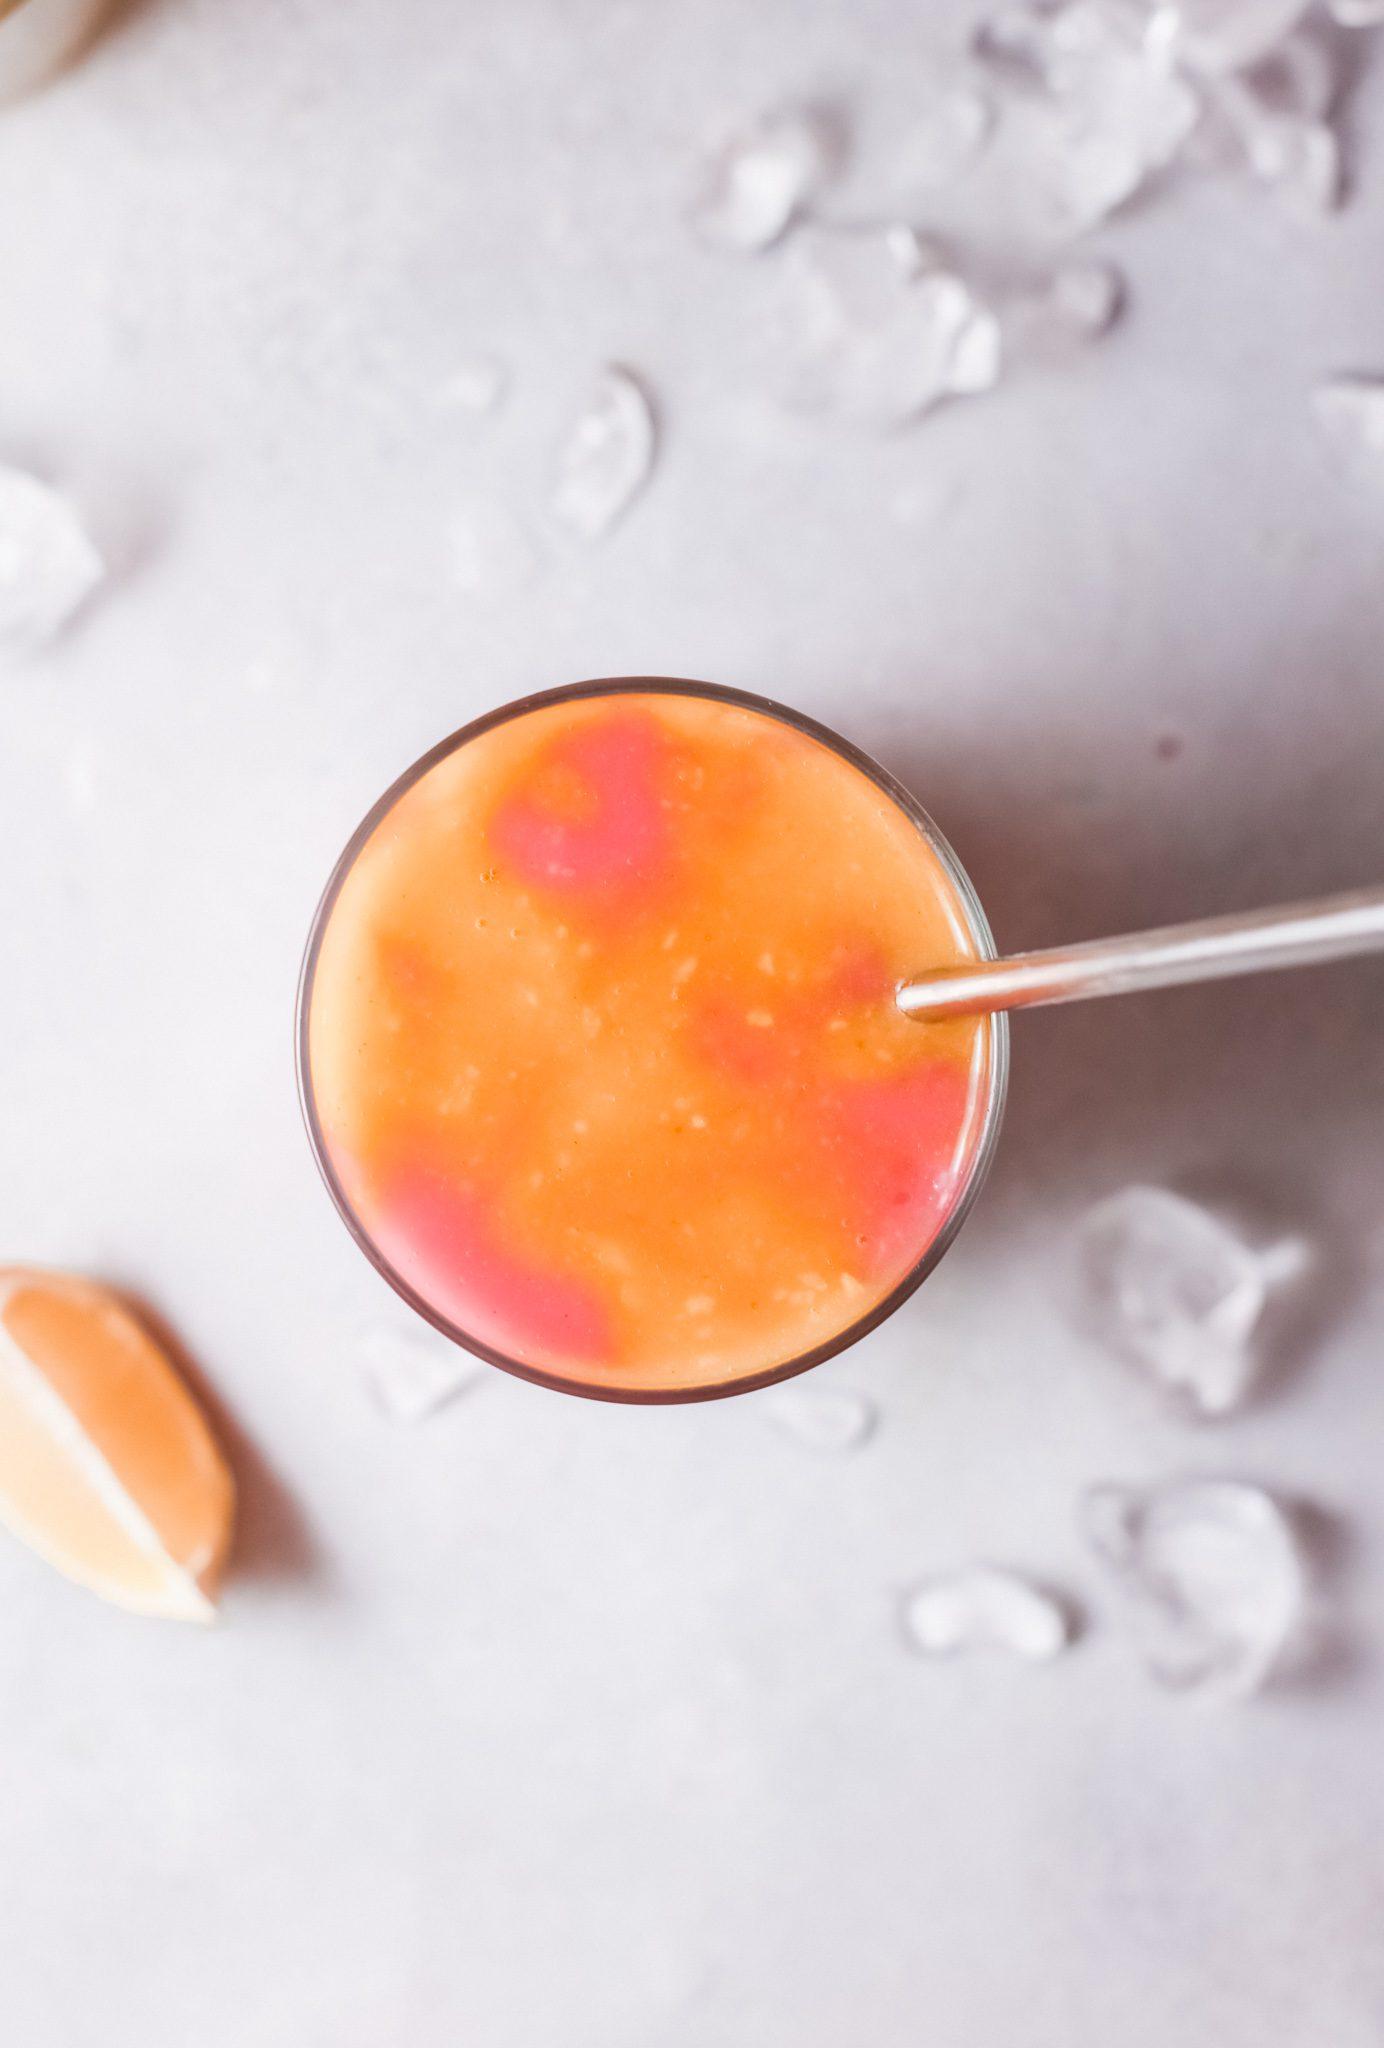 Mango raspberry swirl mango margarita